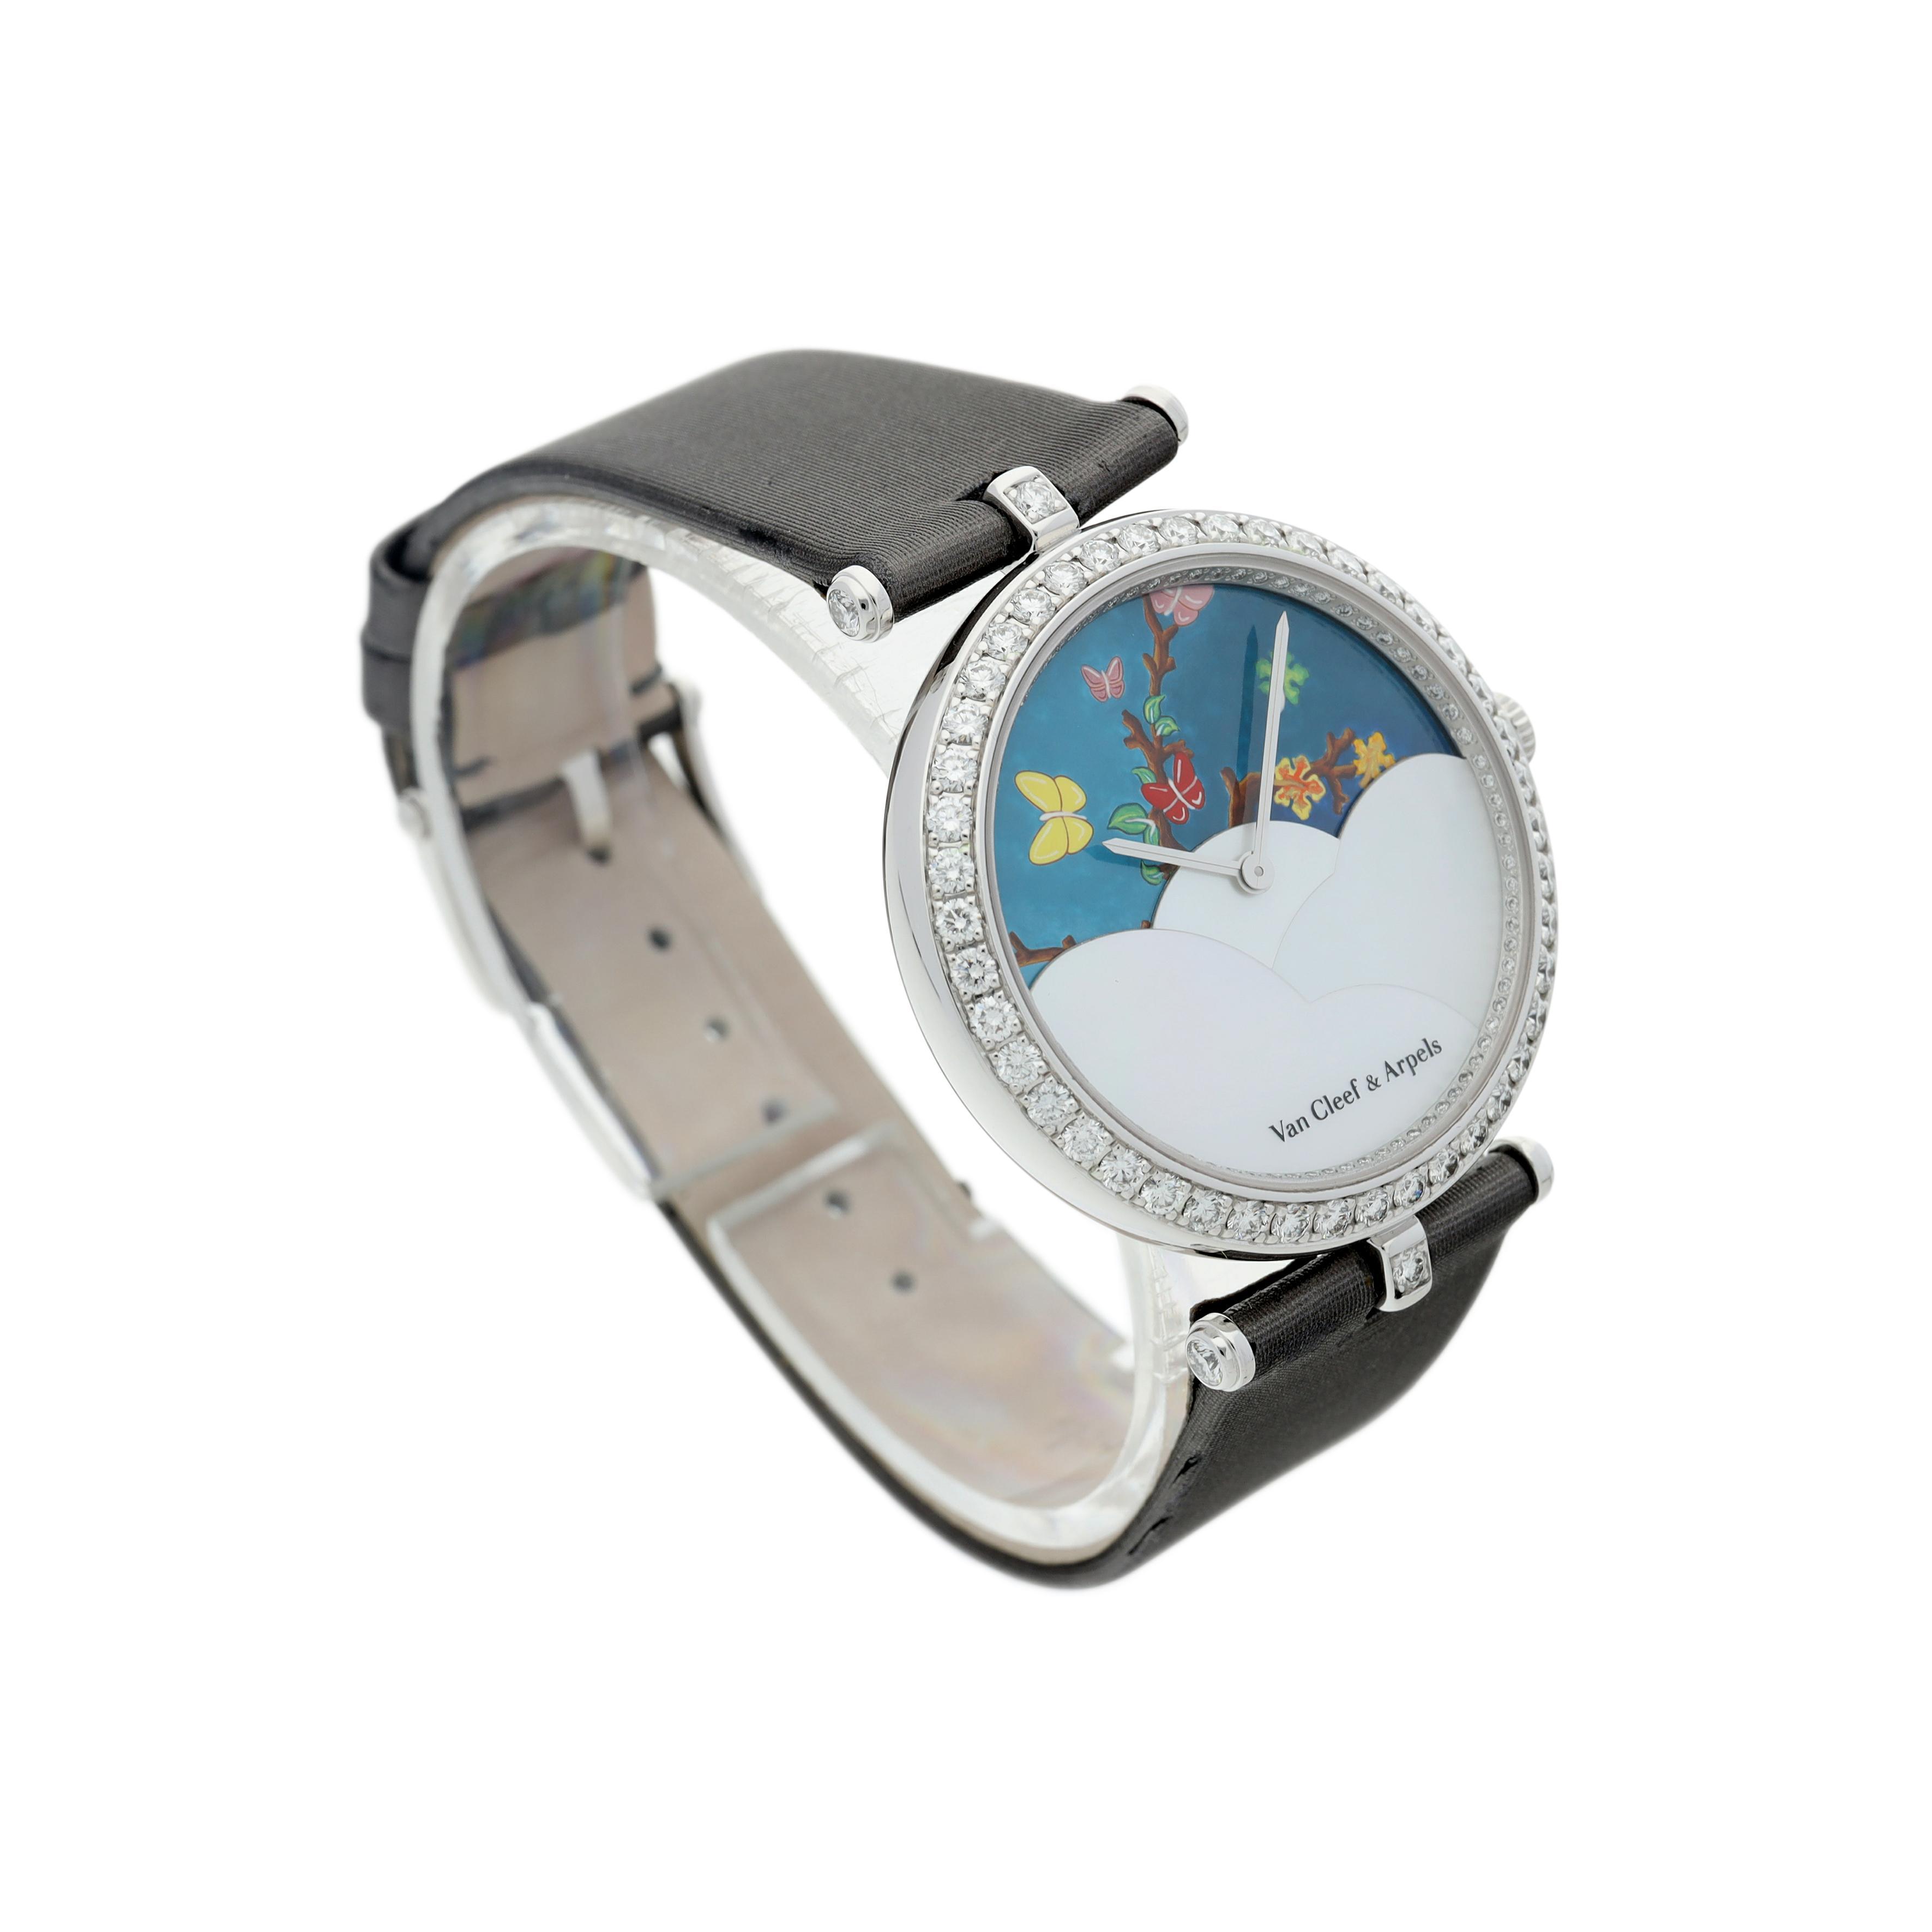 vcanda-wg-and-diamond-ladys-wristwatch-w-enamel-dial-872c